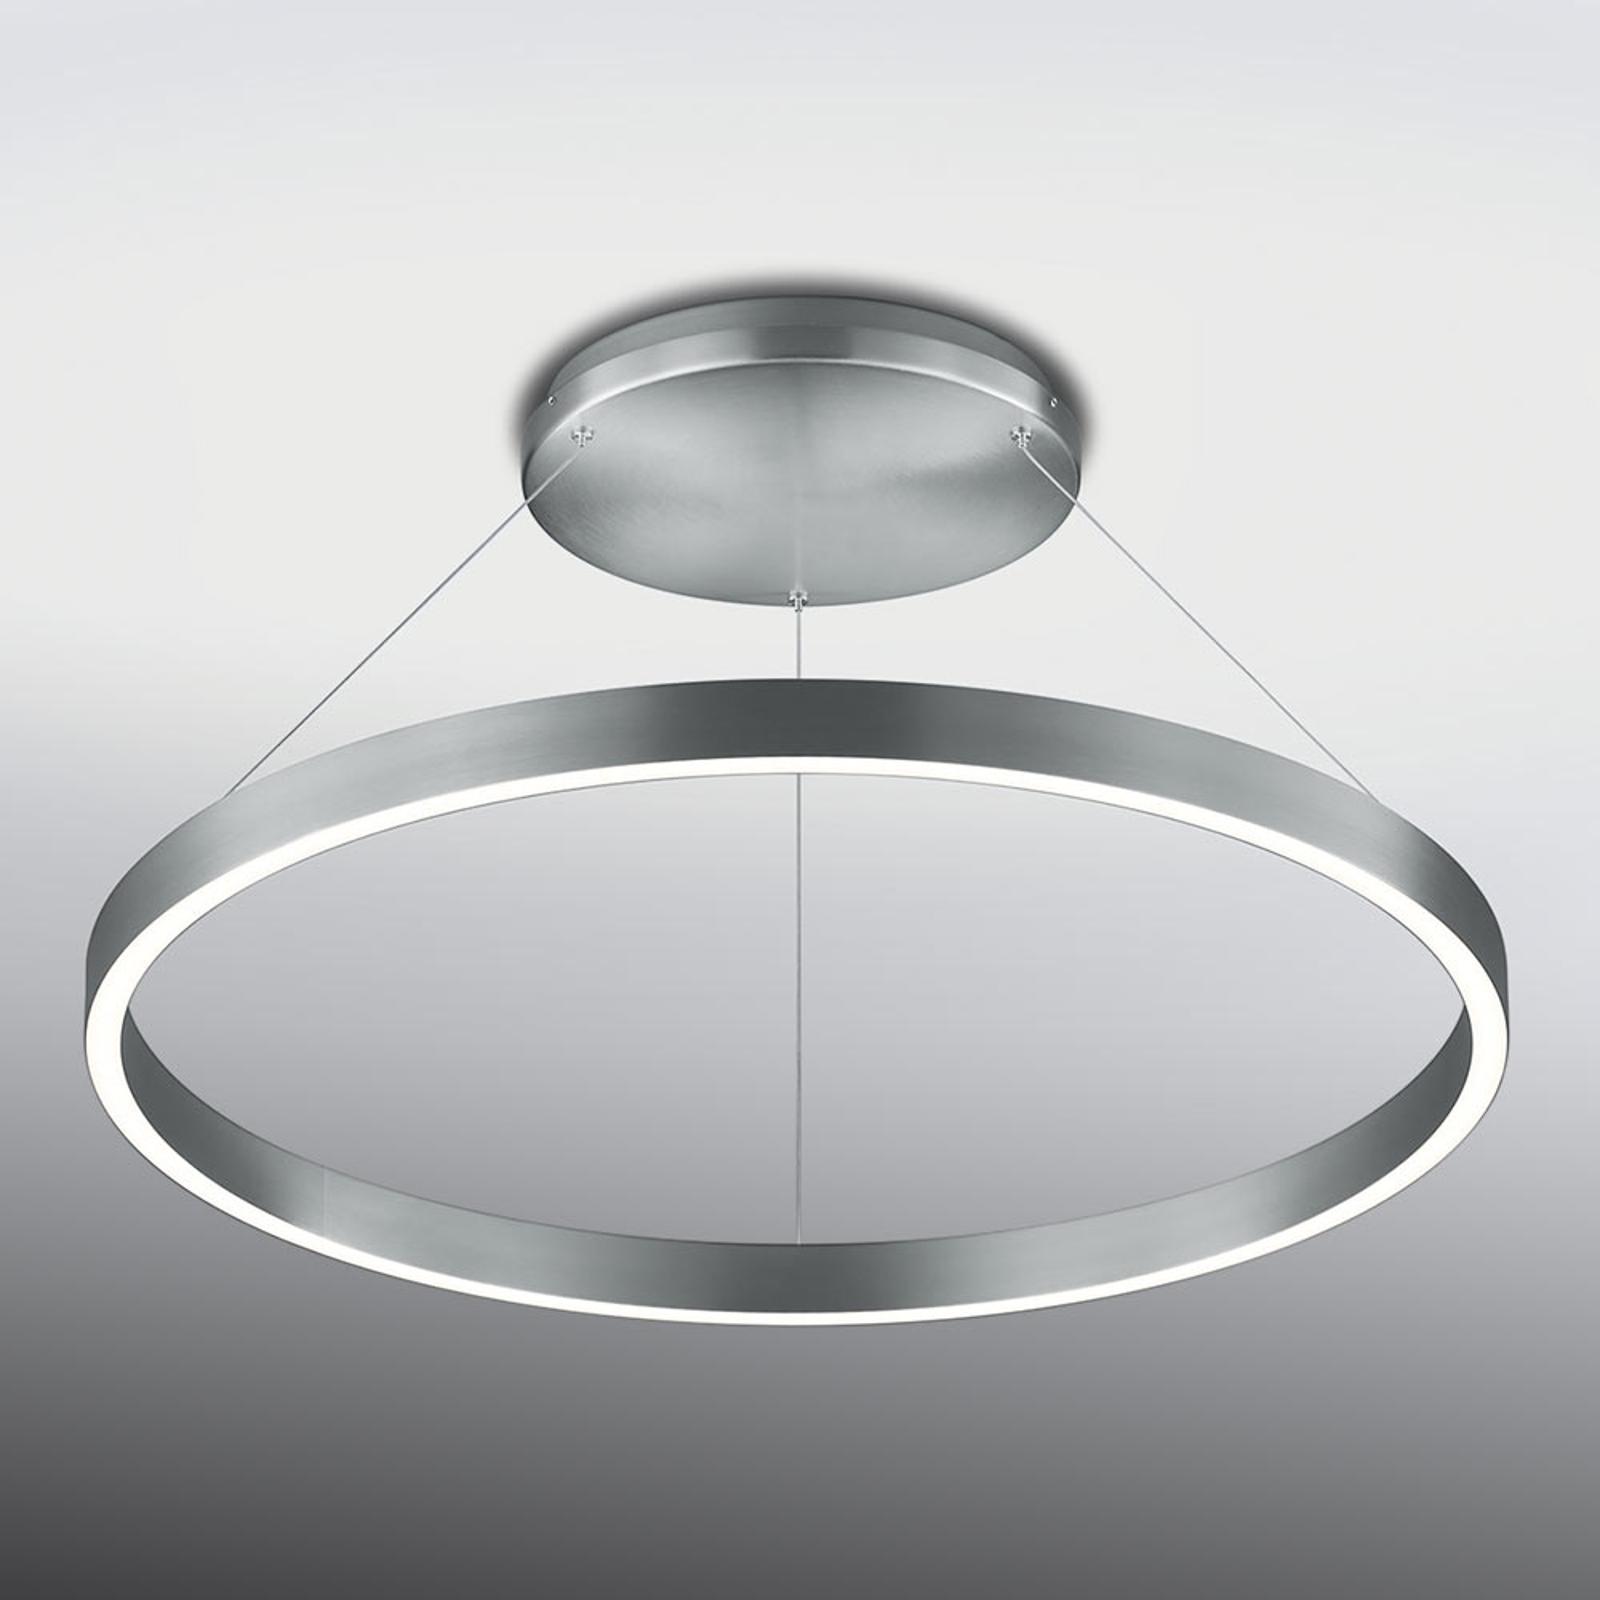 Lampa sufitowa LED Circle, pierścień, ściemniana